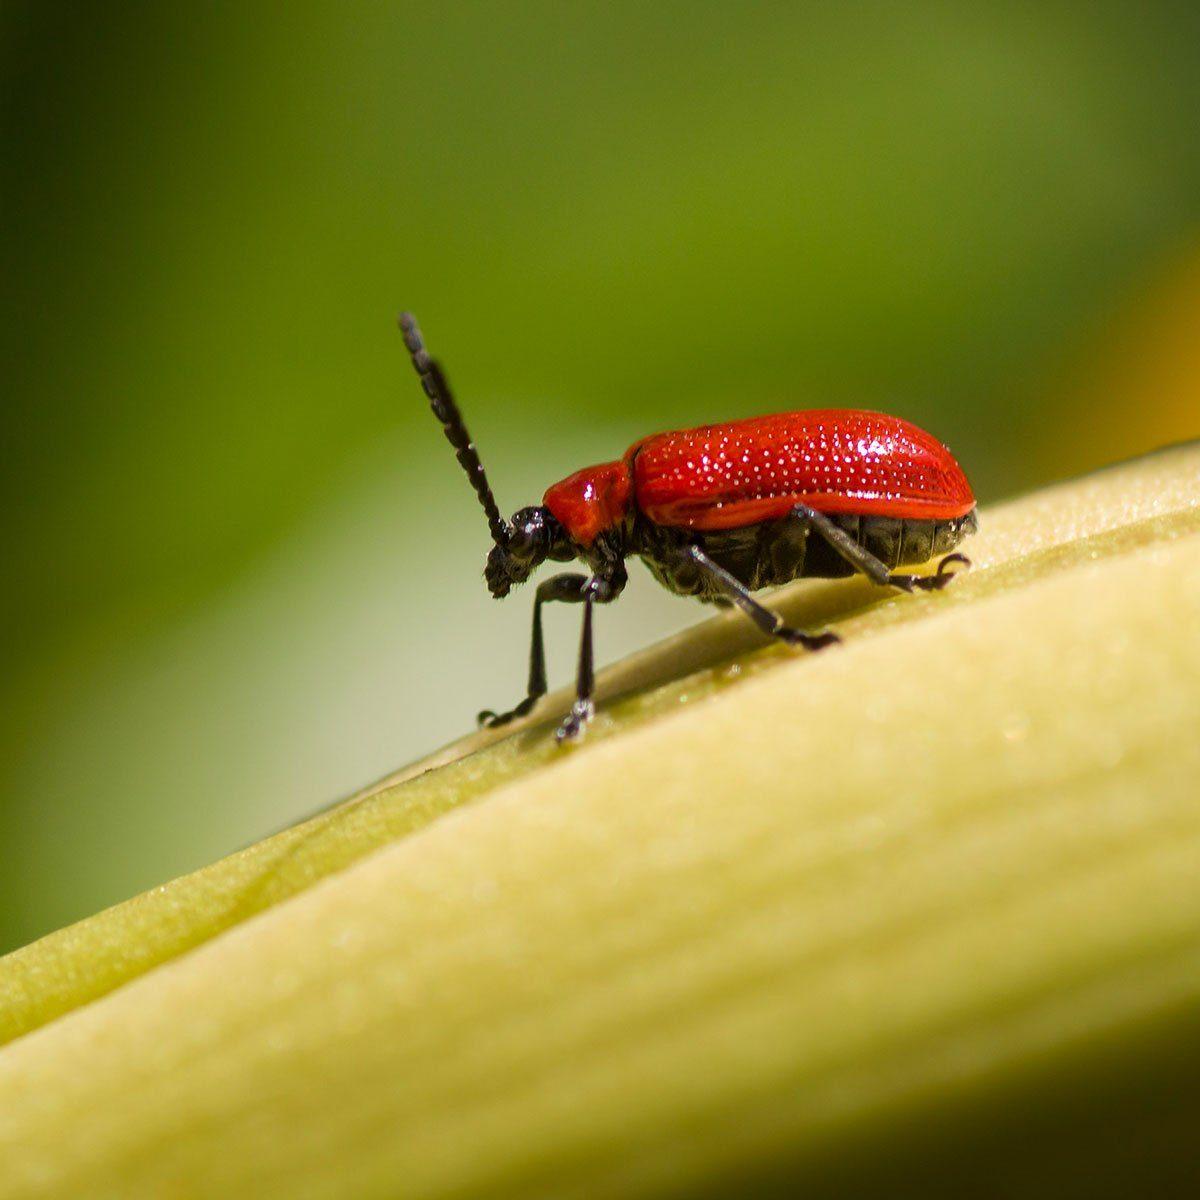 Scarlet lily leaf beetle